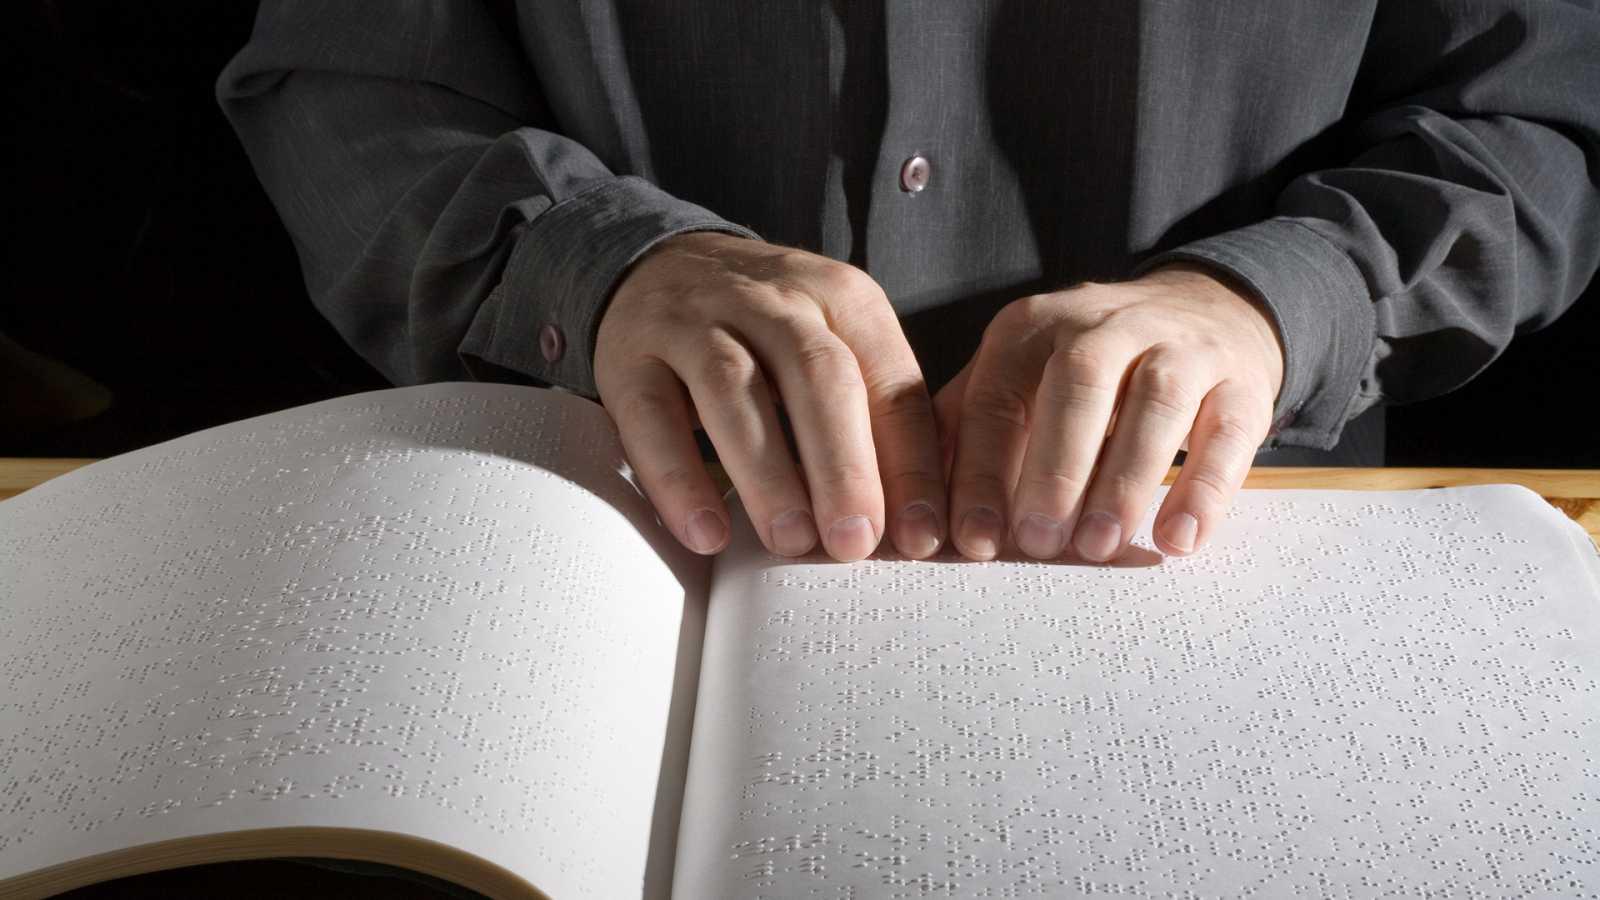 Un idioma sin fronteras - Aprender español siendo ciego: Maciek y Paraskeví - 06/02/21 - escuchar ahora